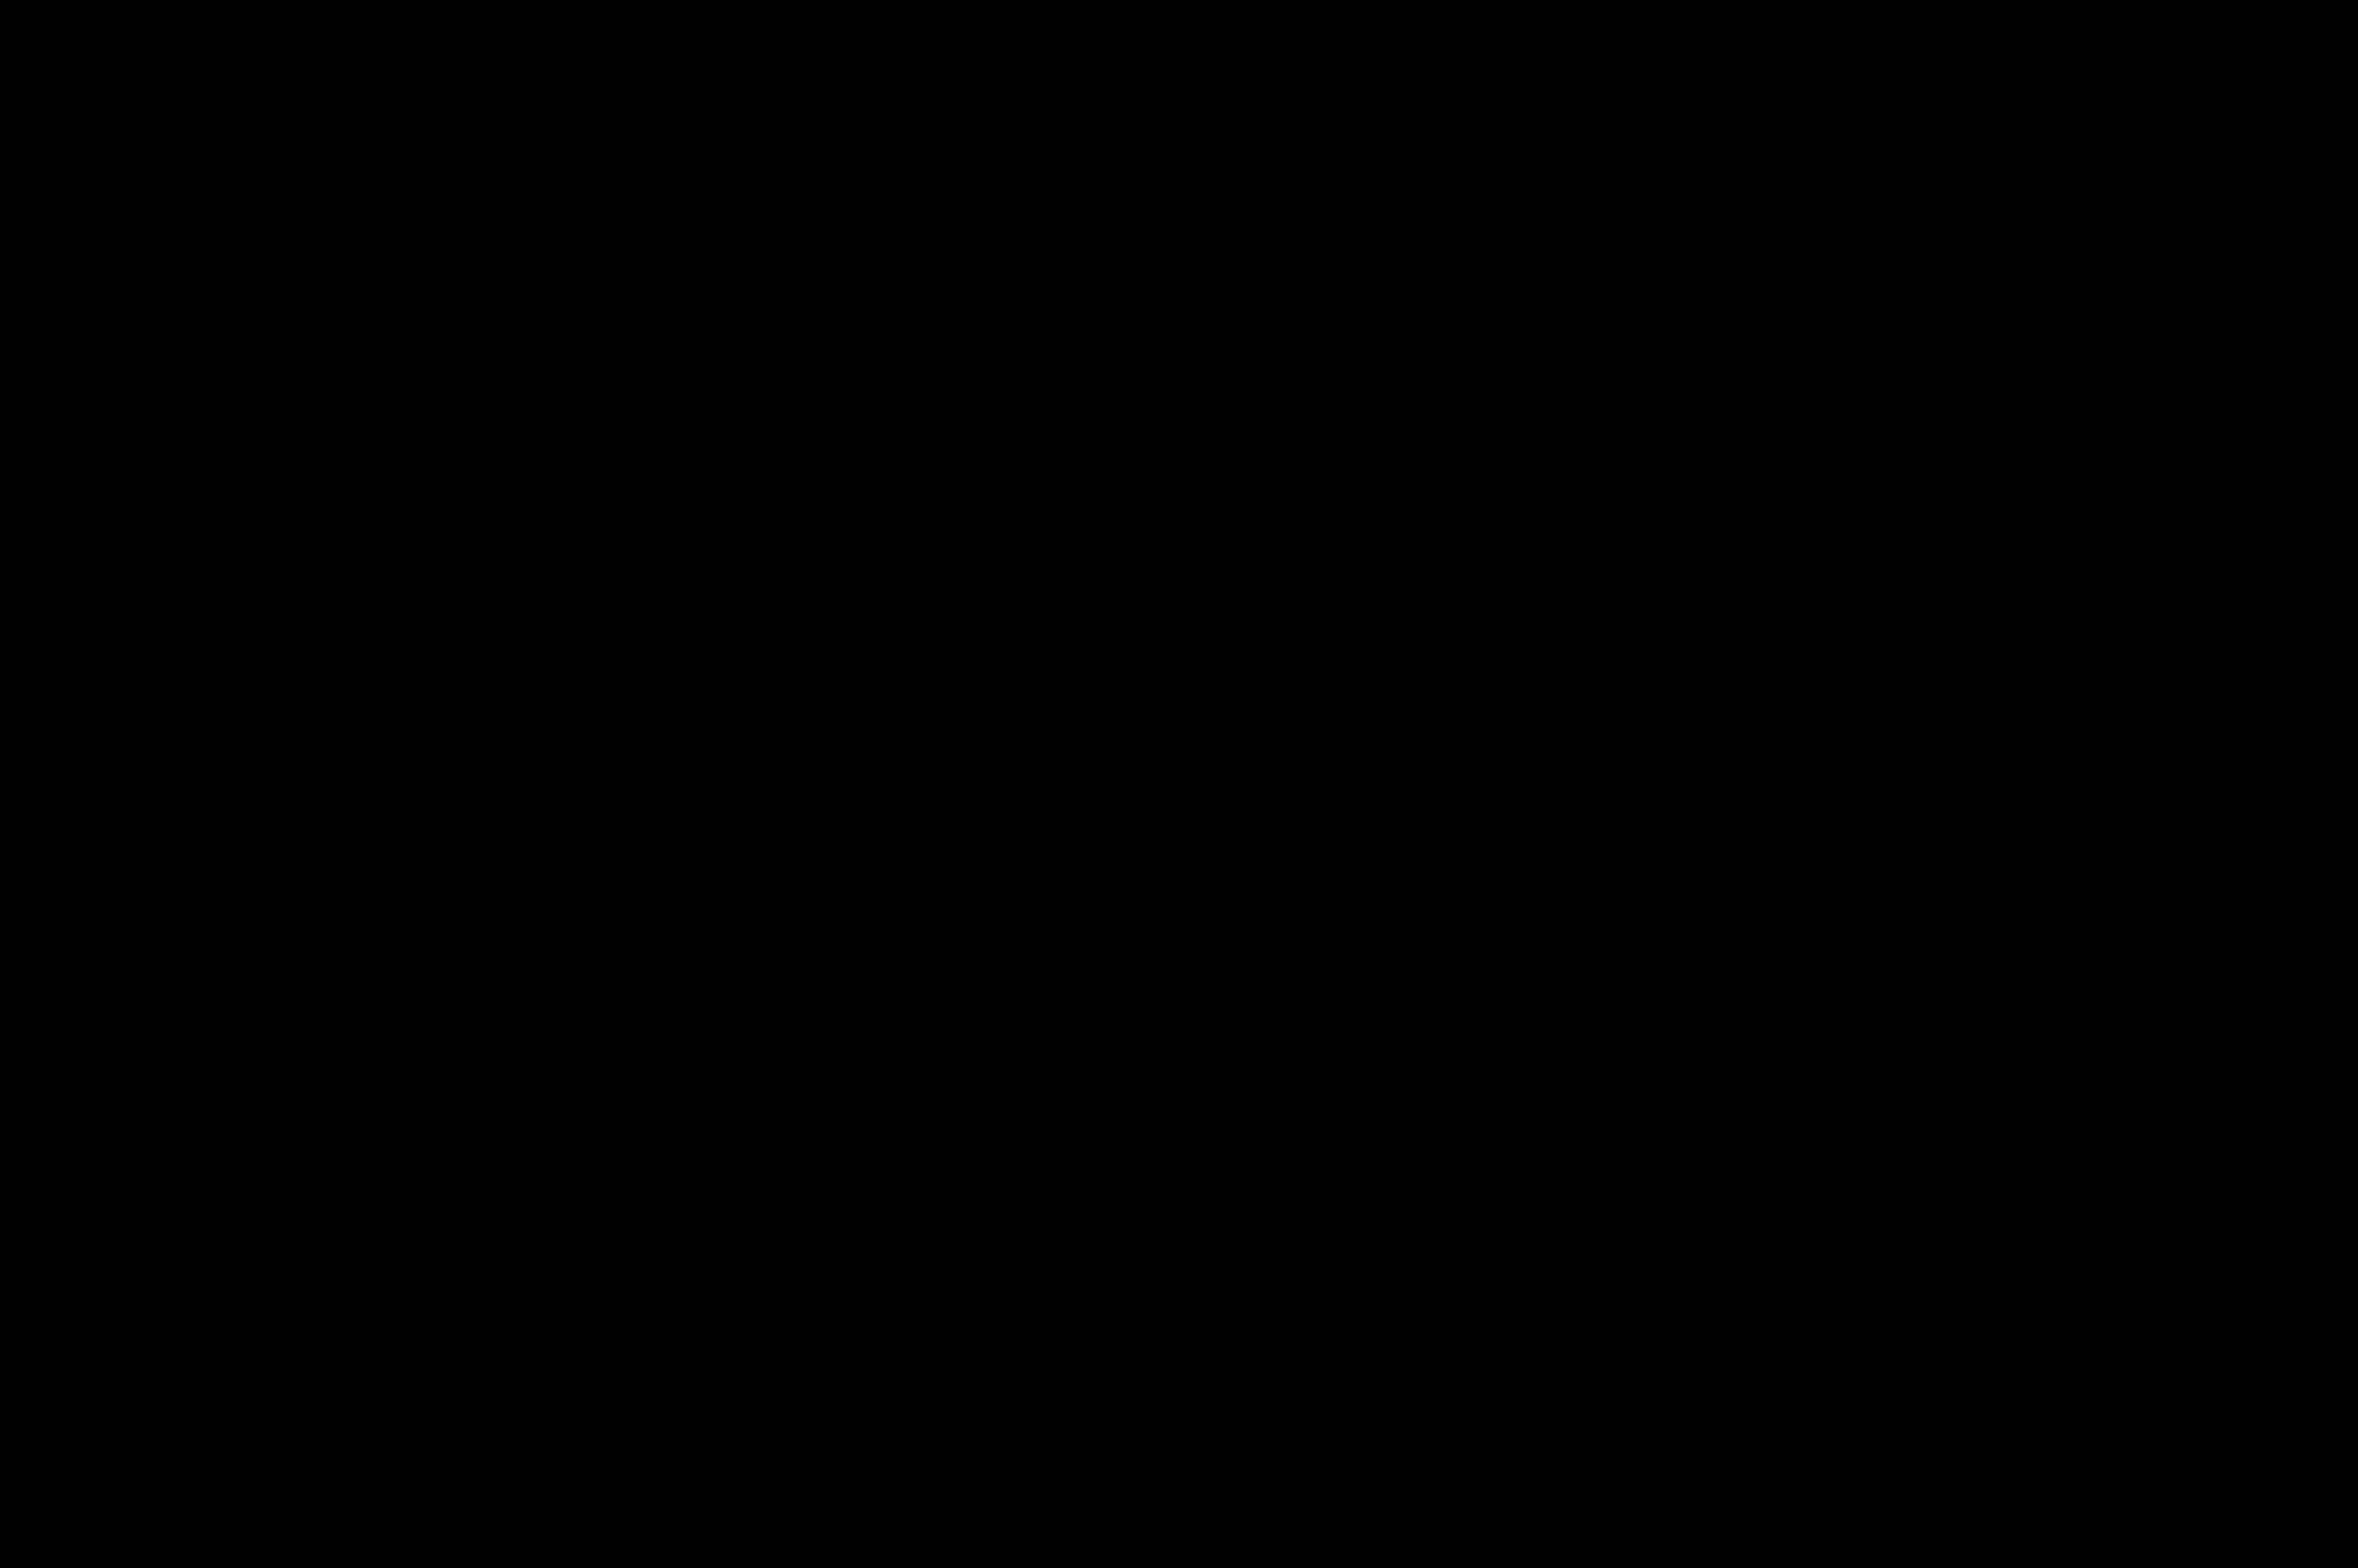 A Mádl család nevében Mádl Dalma, Mádl Ferenc egykori köztársasági elnök özvegye (k), Mádl András, a néhai államfő fia és Mádlné Szőnyi Judit egyetemi docens megkoszorúzza Mádl Ferenc síremlékét a néhai államfő halálának 10. évfordulója alkalmából / Fotó: MTI Máthé Zoltán